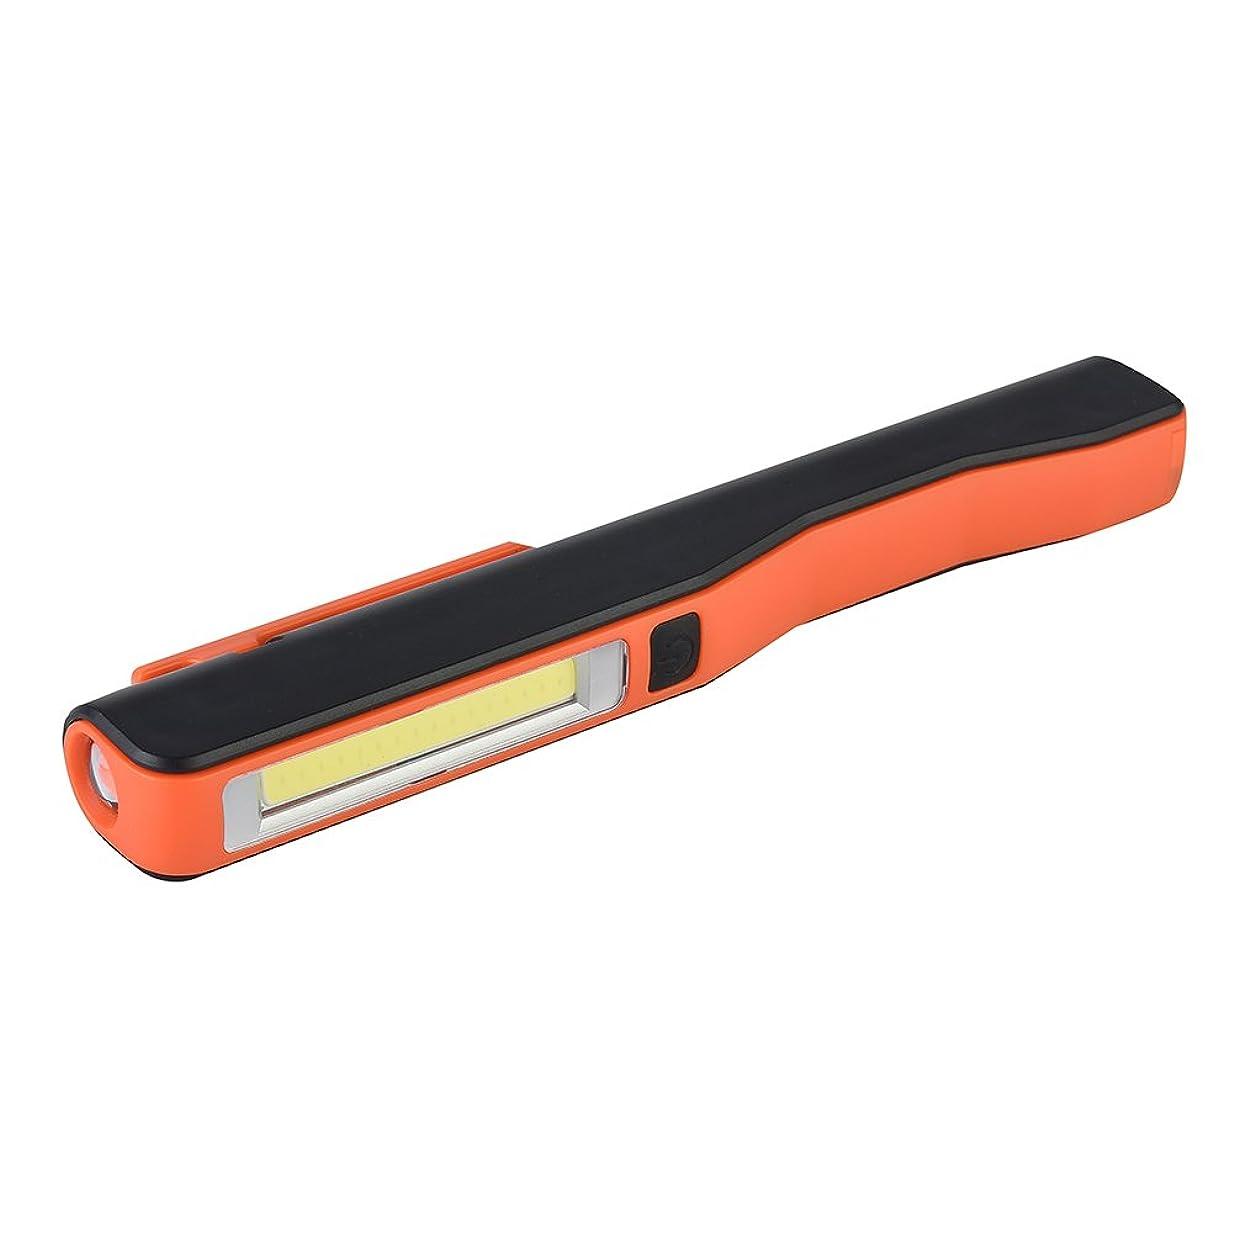 奇妙なマカダムタンザニアRaiFu LEDライト 屋外 COB LEDライト警告と緊急 クリップランプ USB充電式 キャンプライト オレンジ